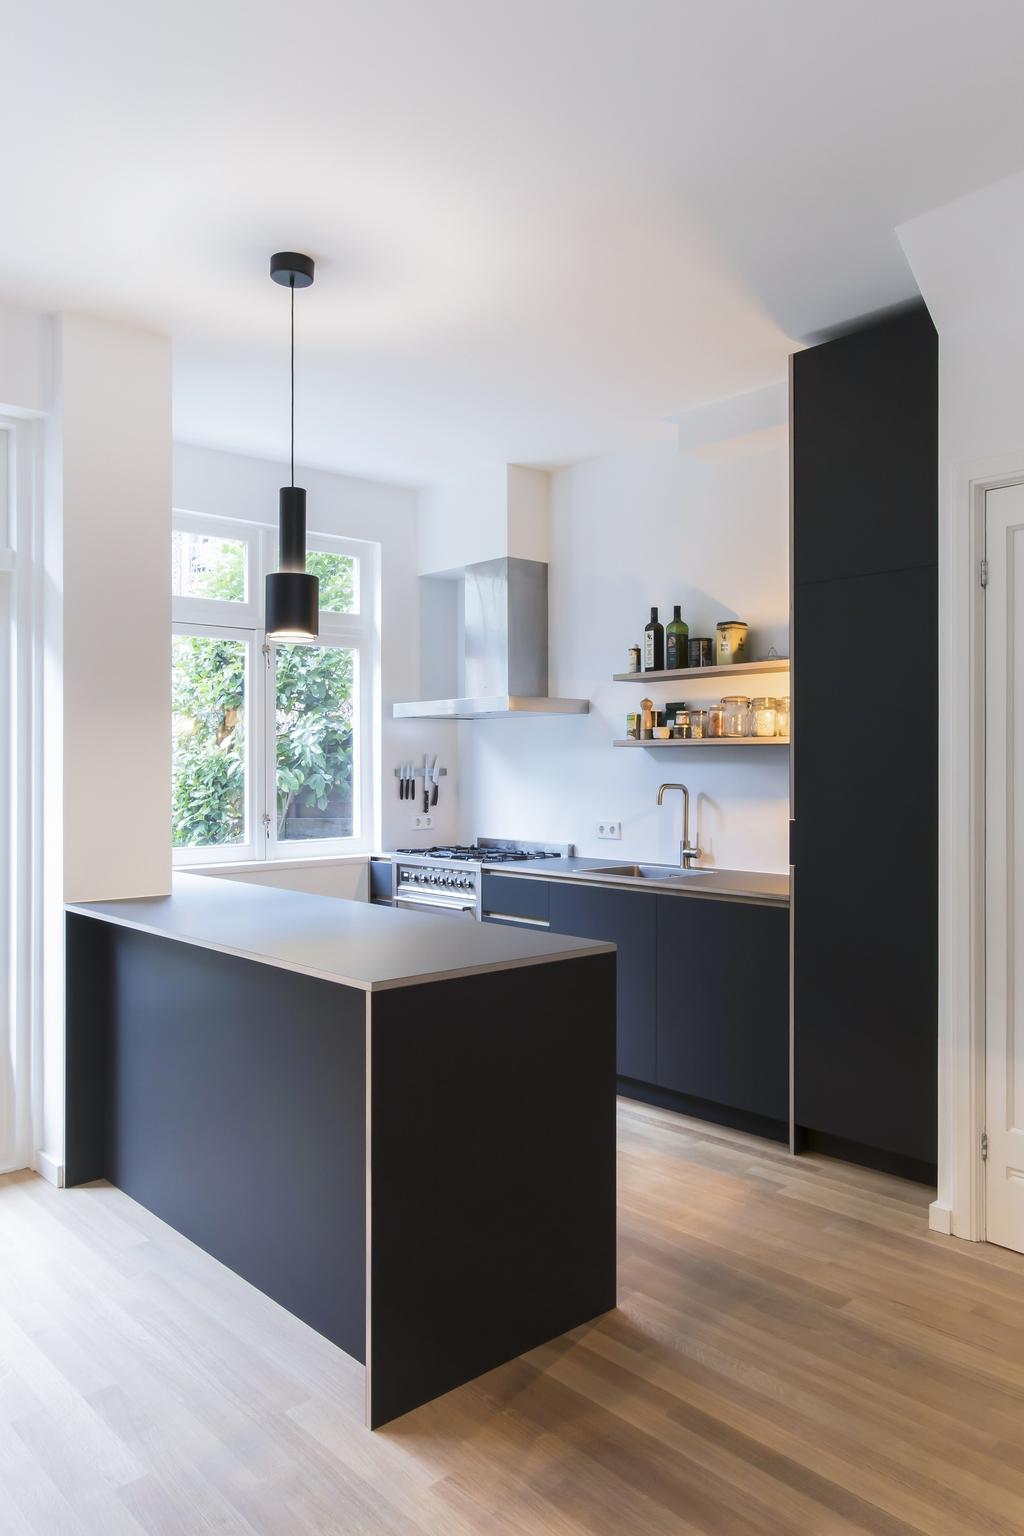 Keuken met schiereiland, SMEG fornuis gemaakt van linoleum en berkenmultiplex - Amsterdam Zuid